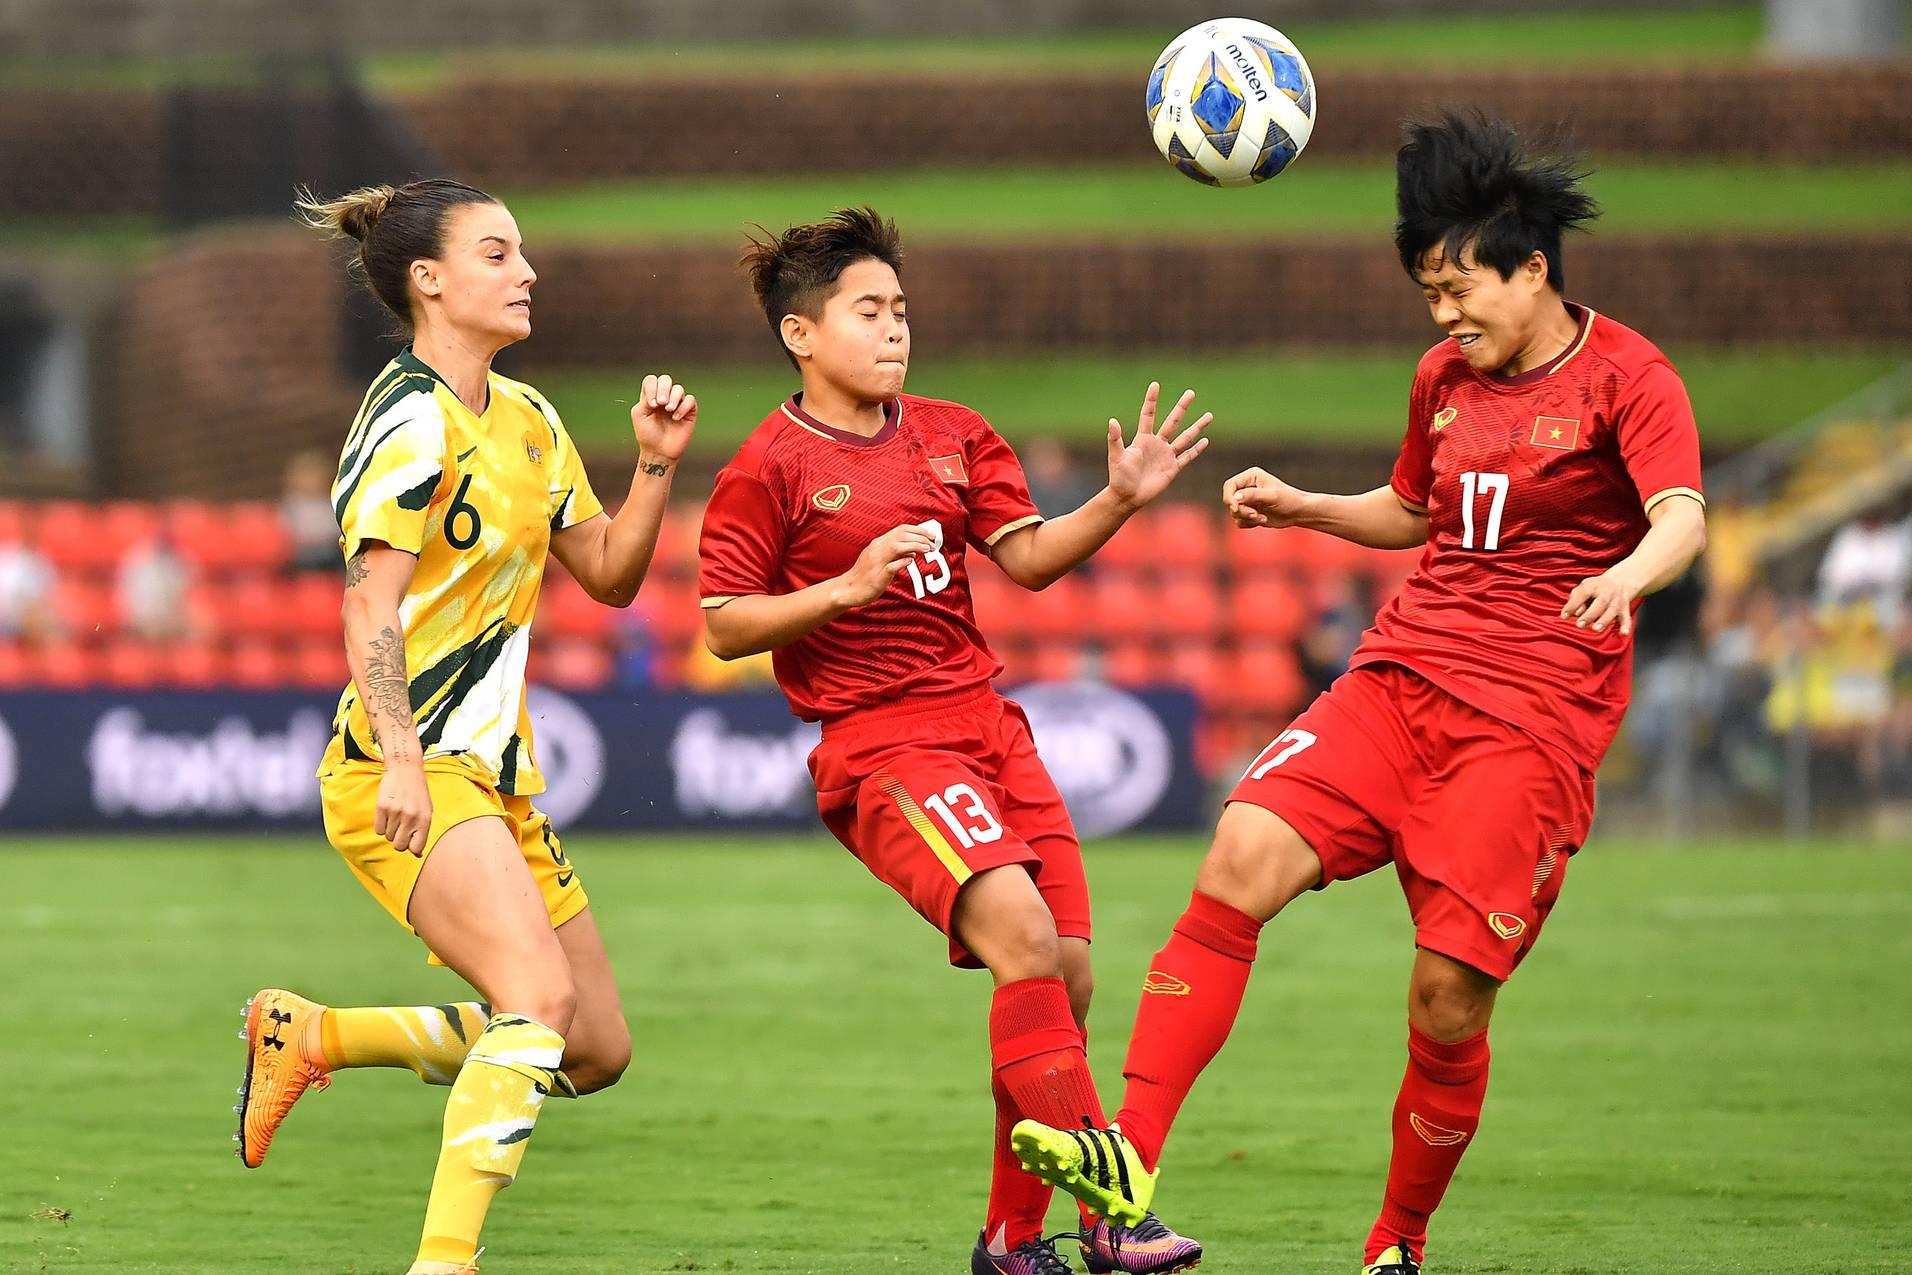 Nữ Việt Nam đấu với Úc ngày 11/3 mấy giờ đá?